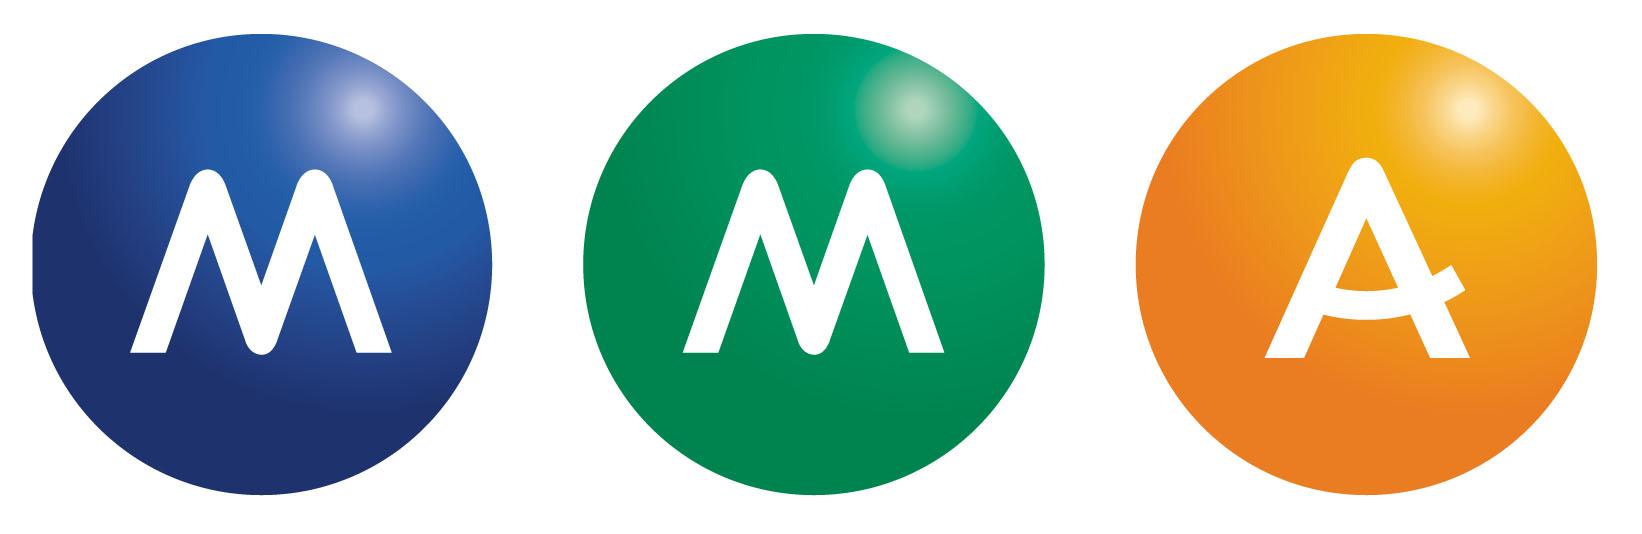 image logo mma